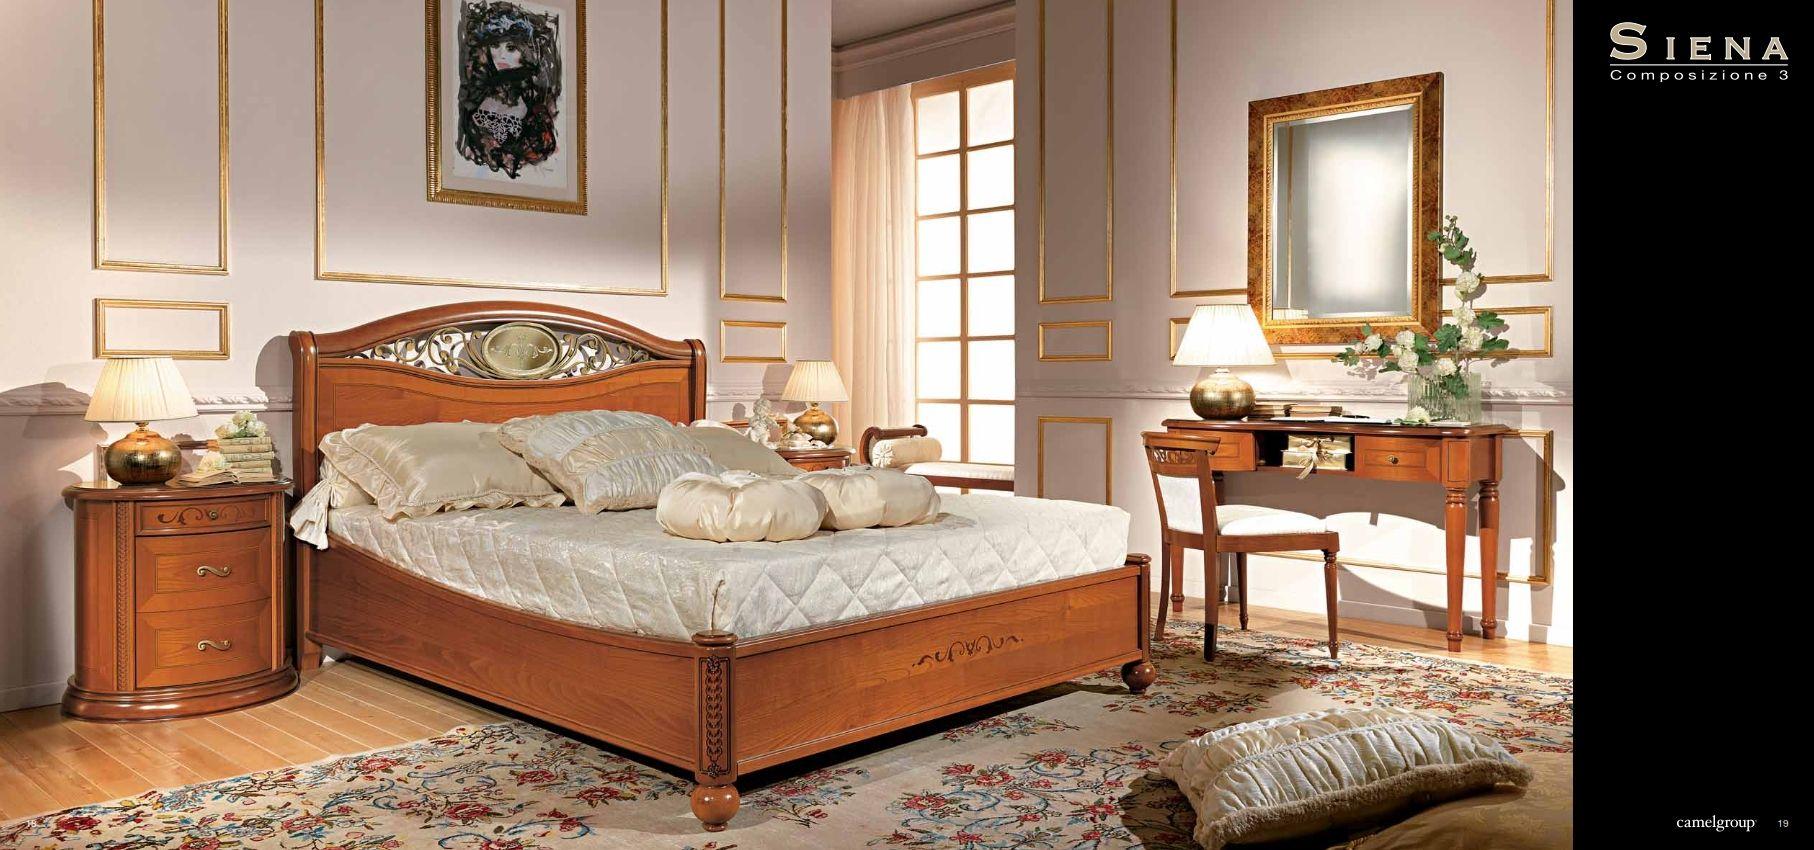 klassische m bel zimmer siena serie camelgroup zusammensetzung 3die m bel aus italien. Black Bedroom Furniture Sets. Home Design Ideas